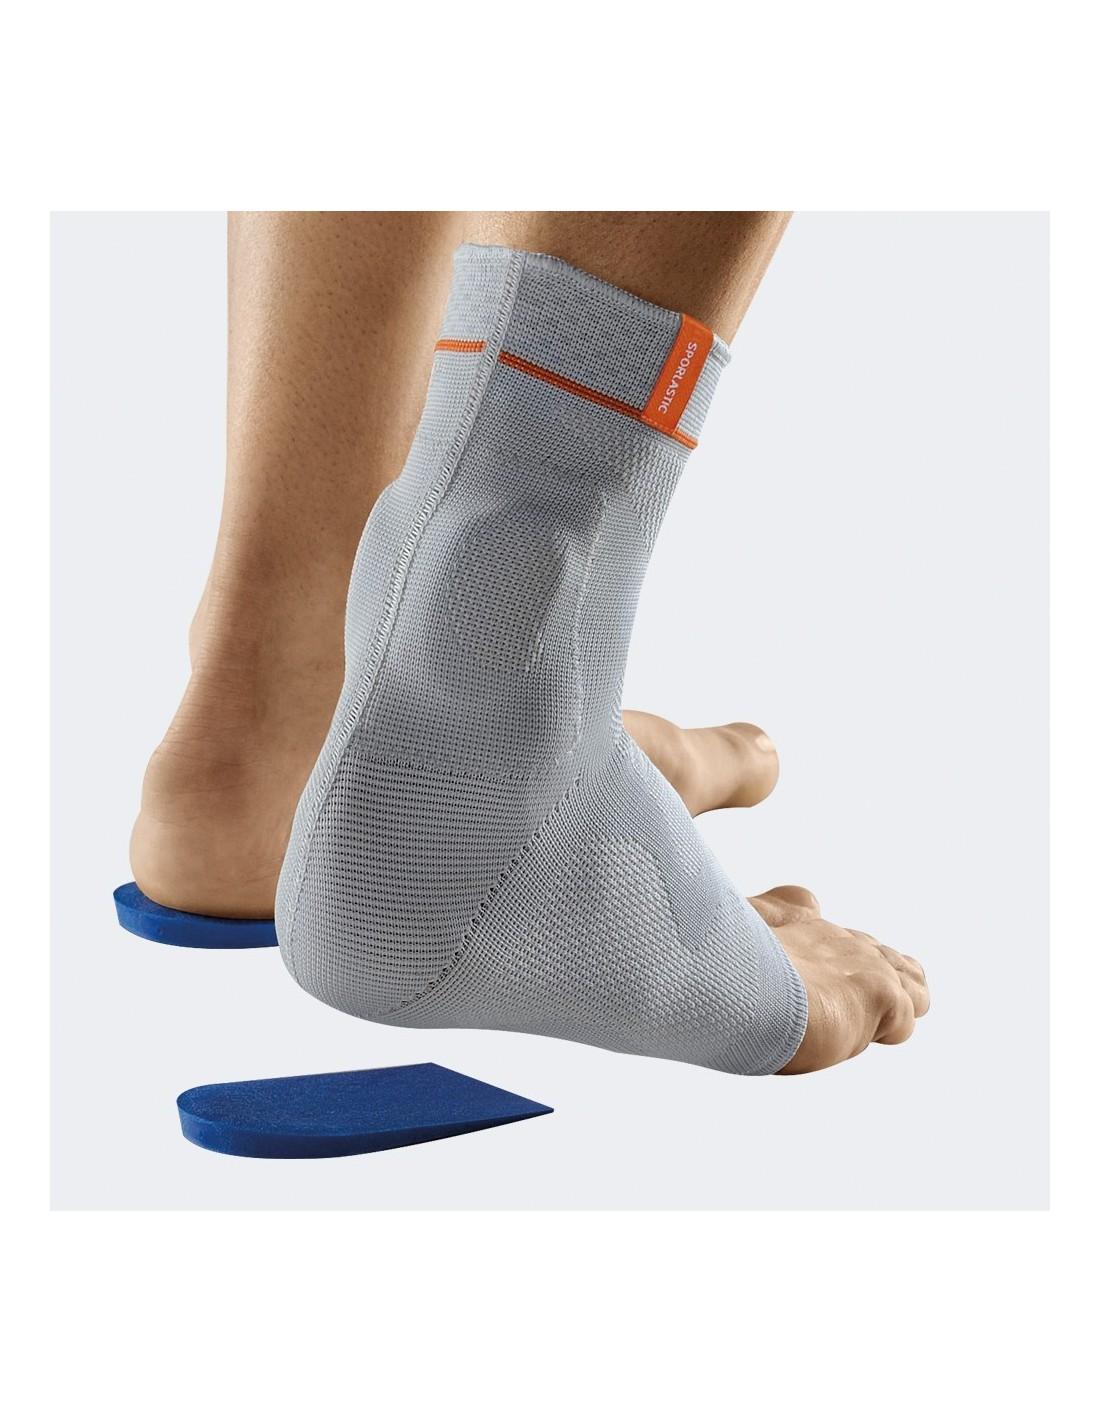 Cavigliera elastica con pressori in silicone per tendine di Achille  Achillodyn Tielle 7071 - Ortopedie Baldinelli